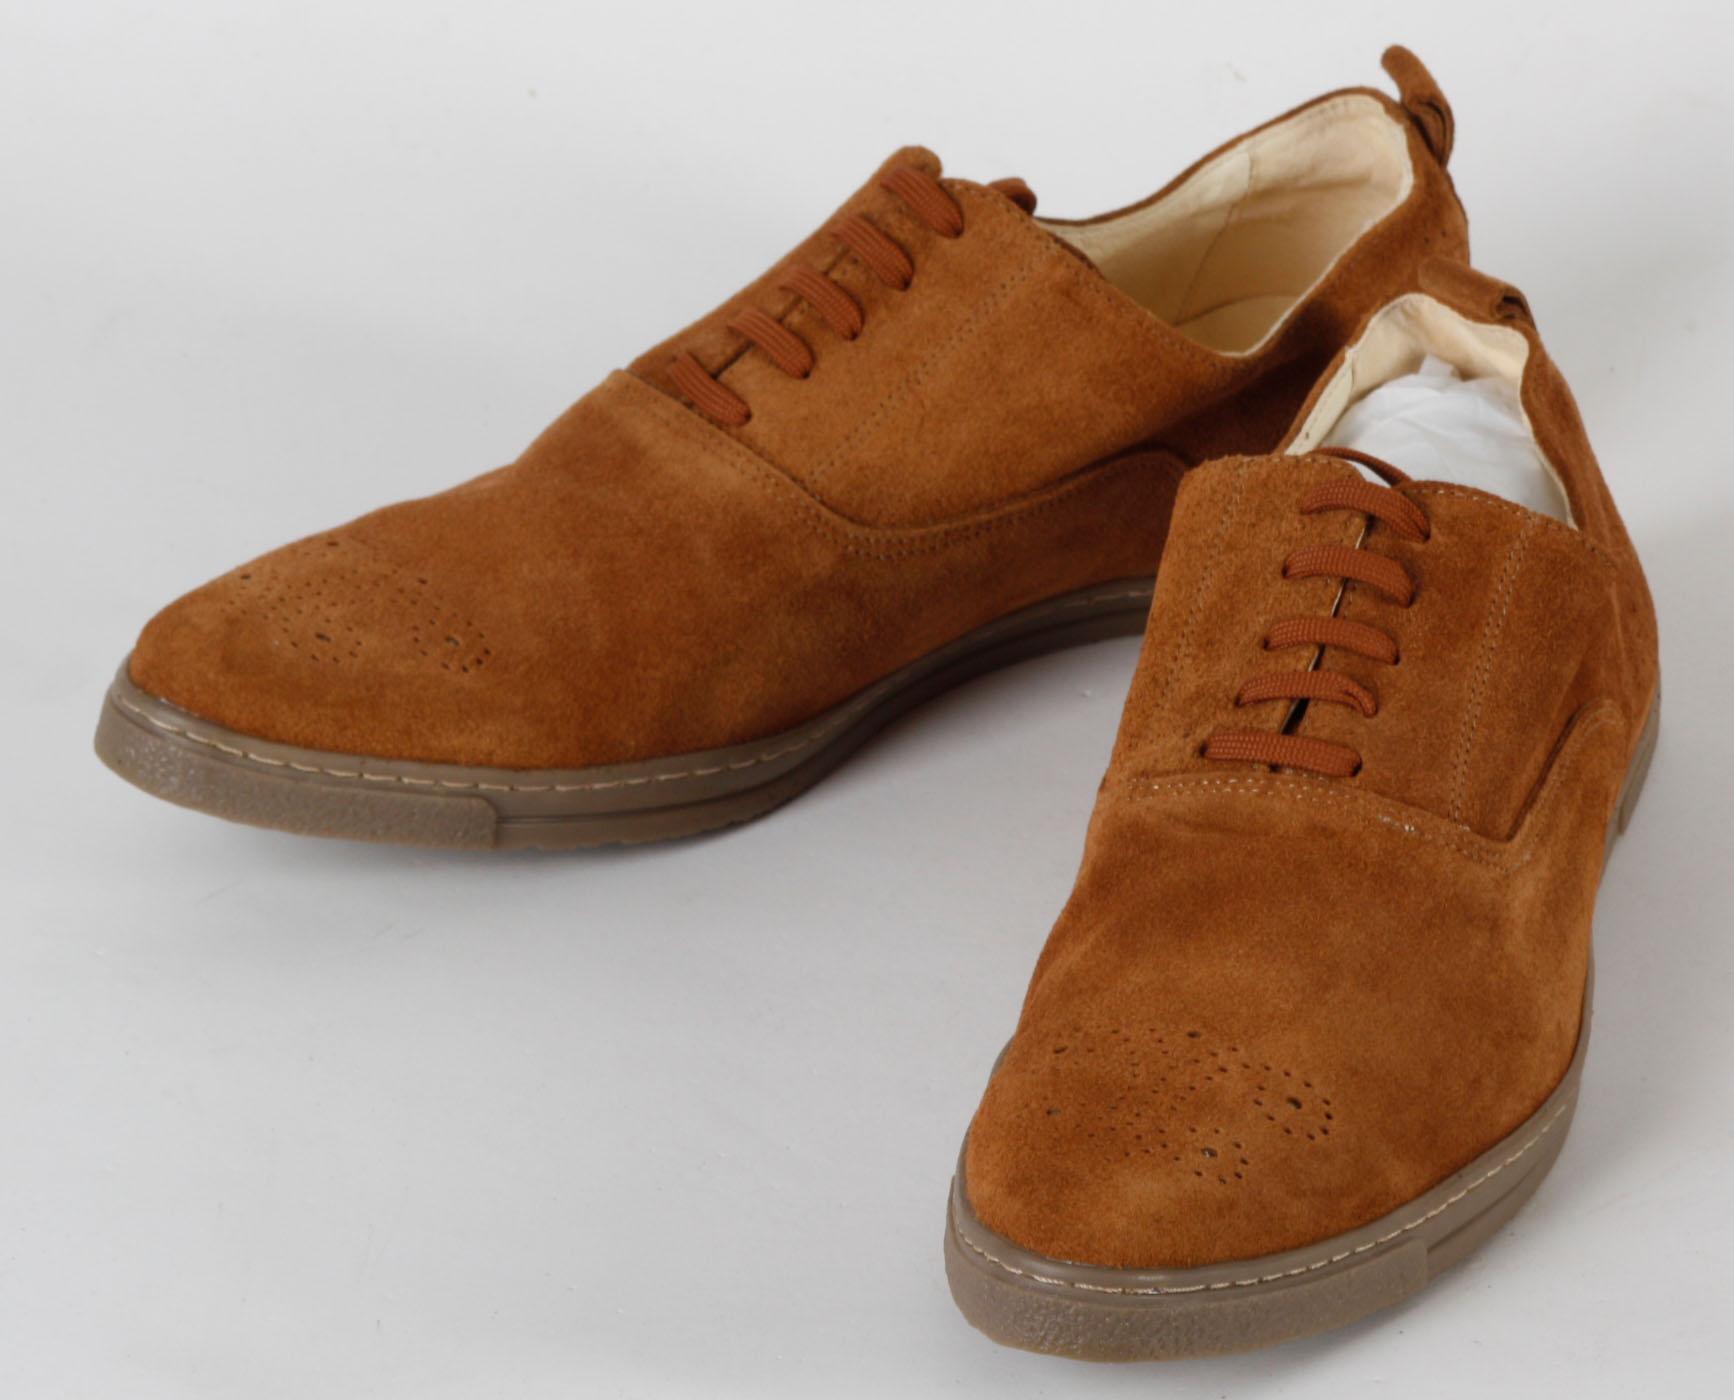 Как растянуть замшевую обувь в домашних условиях - Советы